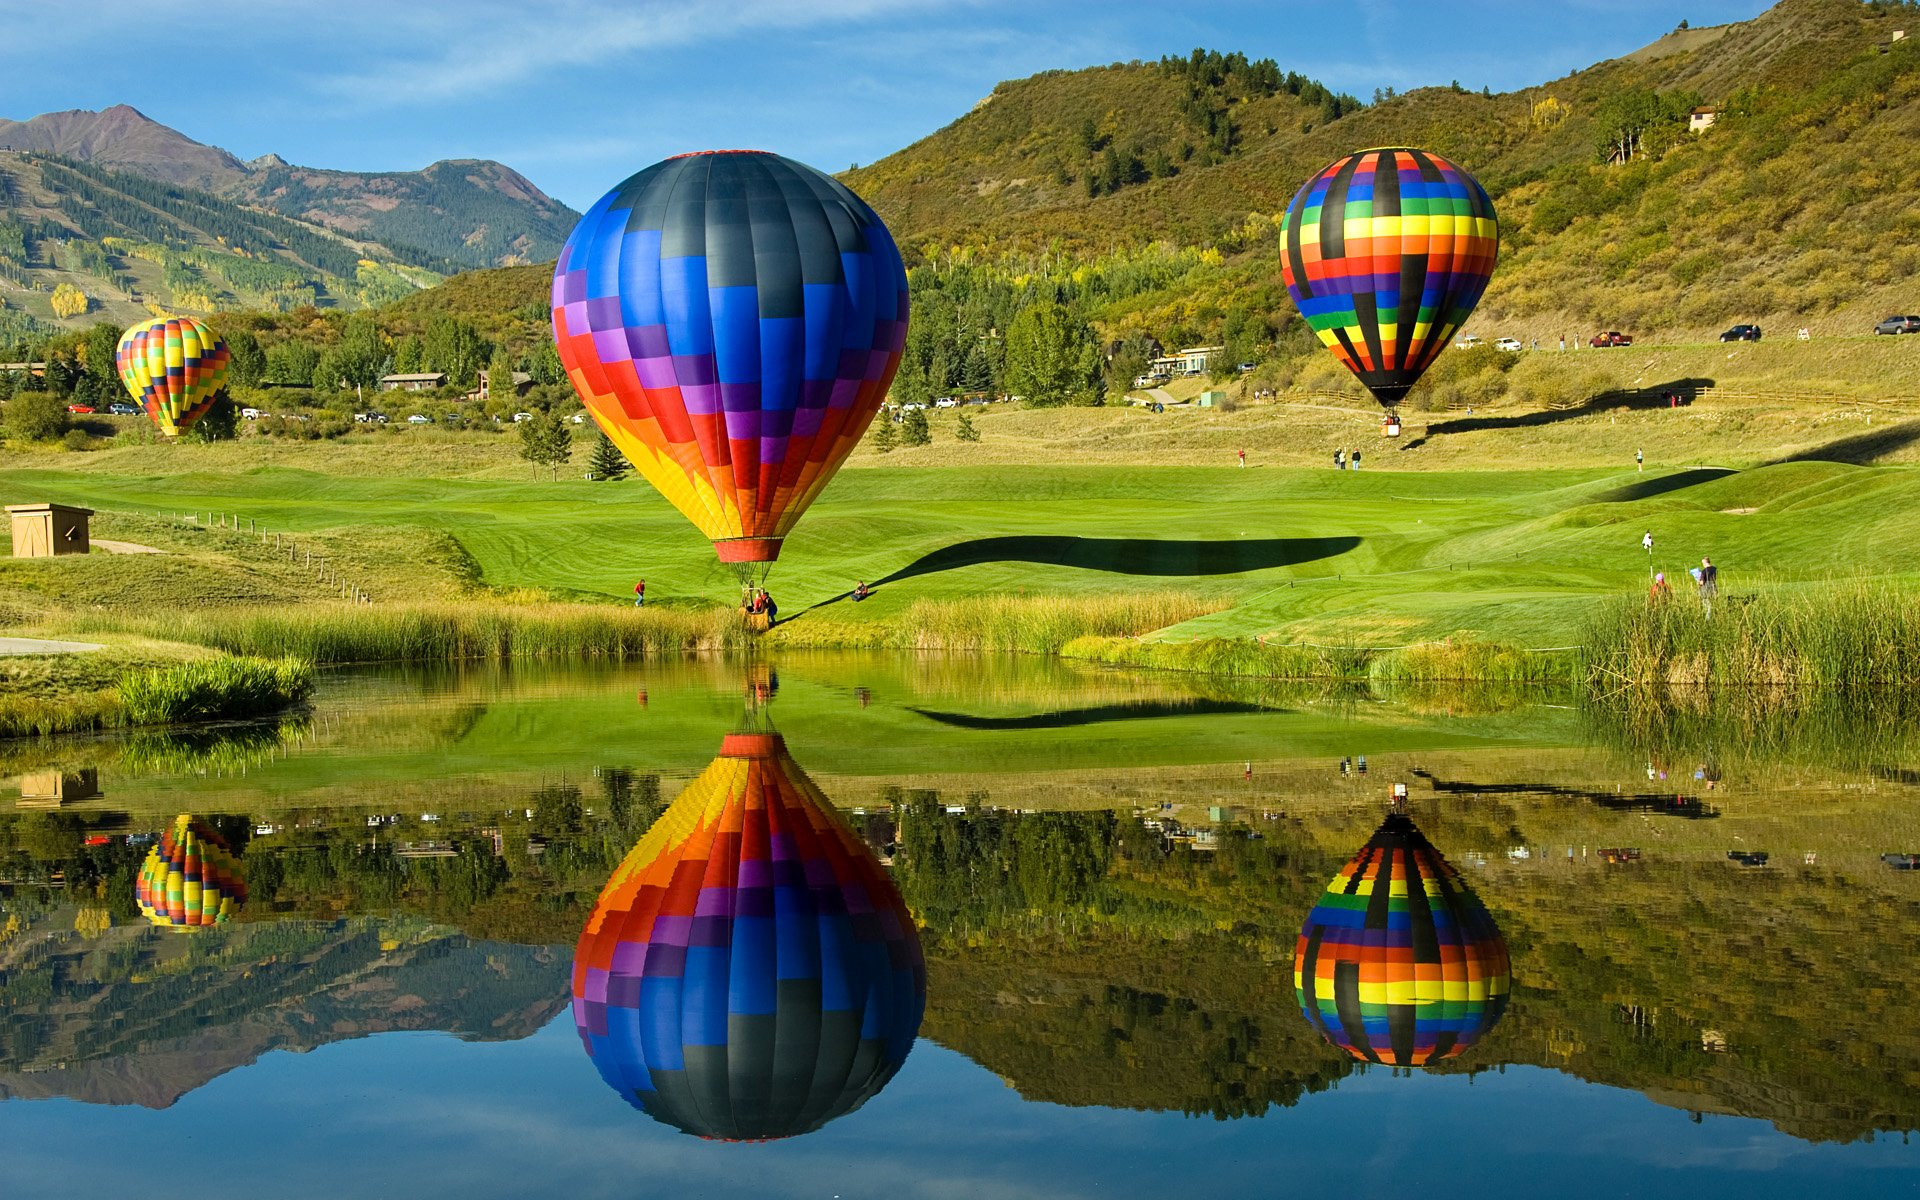 природа деревья архитектура мост воздушные шары аэростаты nature trees architecture the bridge air balls balloons  № 2627689 без смс